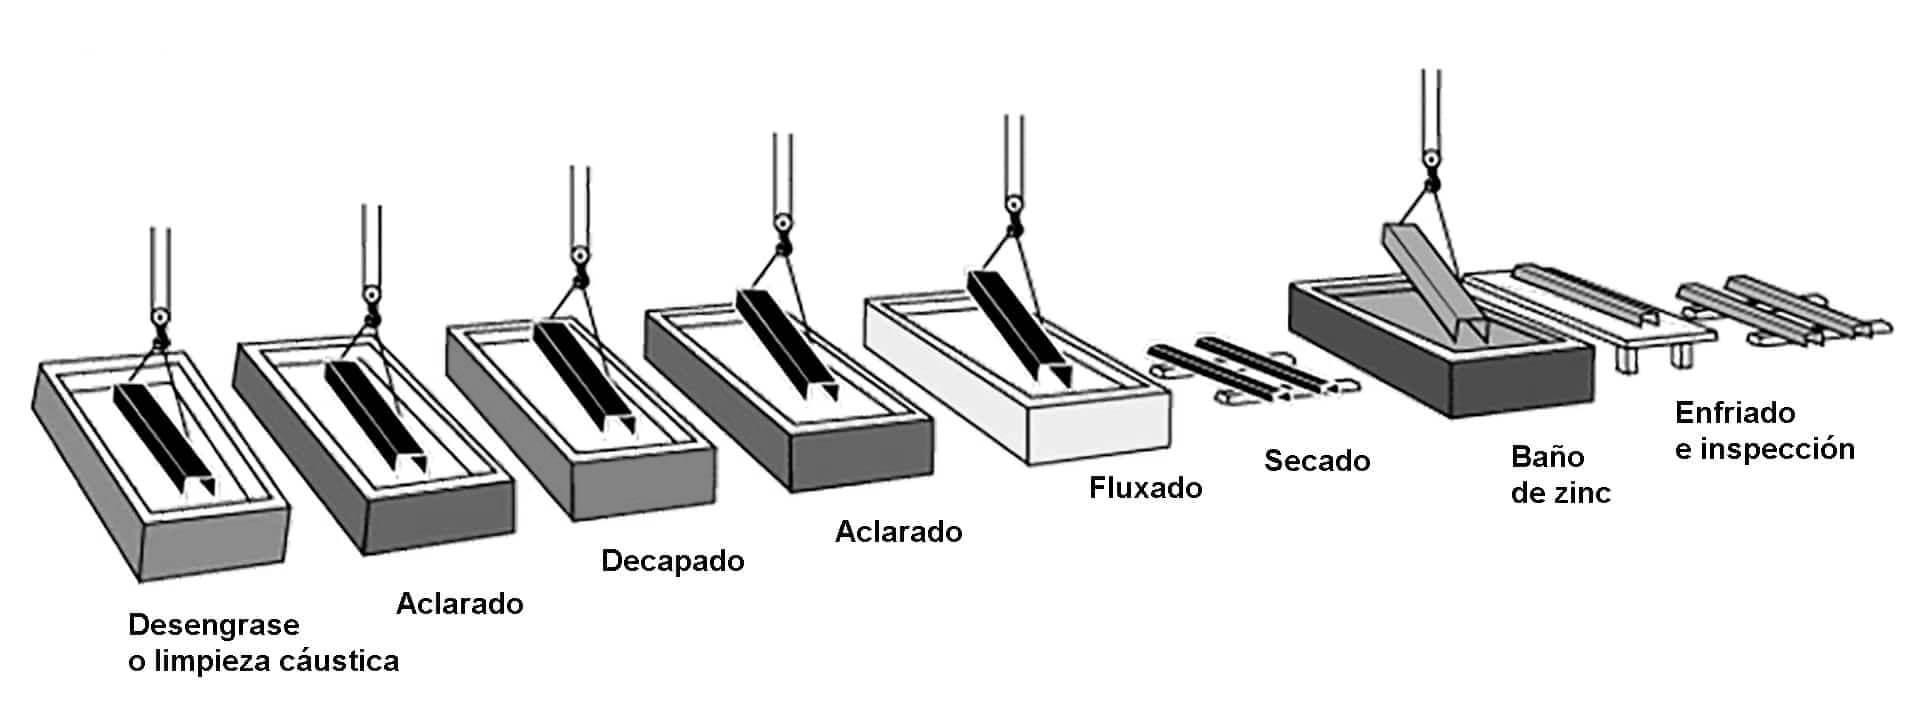 Galvadotecnia   Insametal   Contactar   Acero galvanizado   Precio   Durabilidad   Pantalla acústica   Barandillas